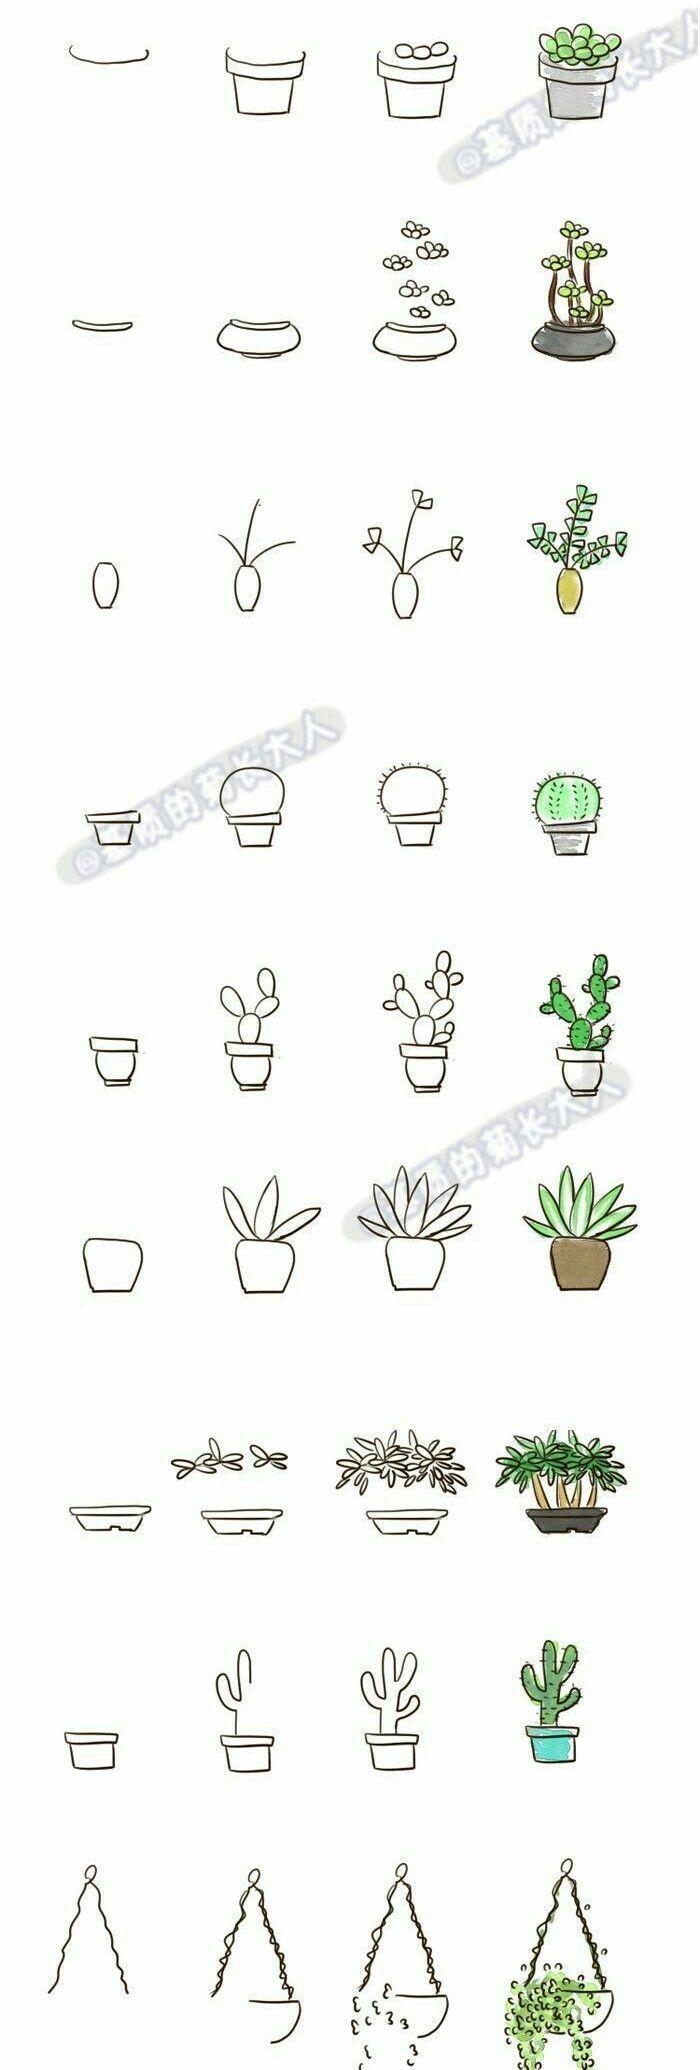 Kritzeln Sie Zeichnung für Ihr Balltagebuch, sukkulenten Kaktus Schritt für Schritt #bulletjournaling